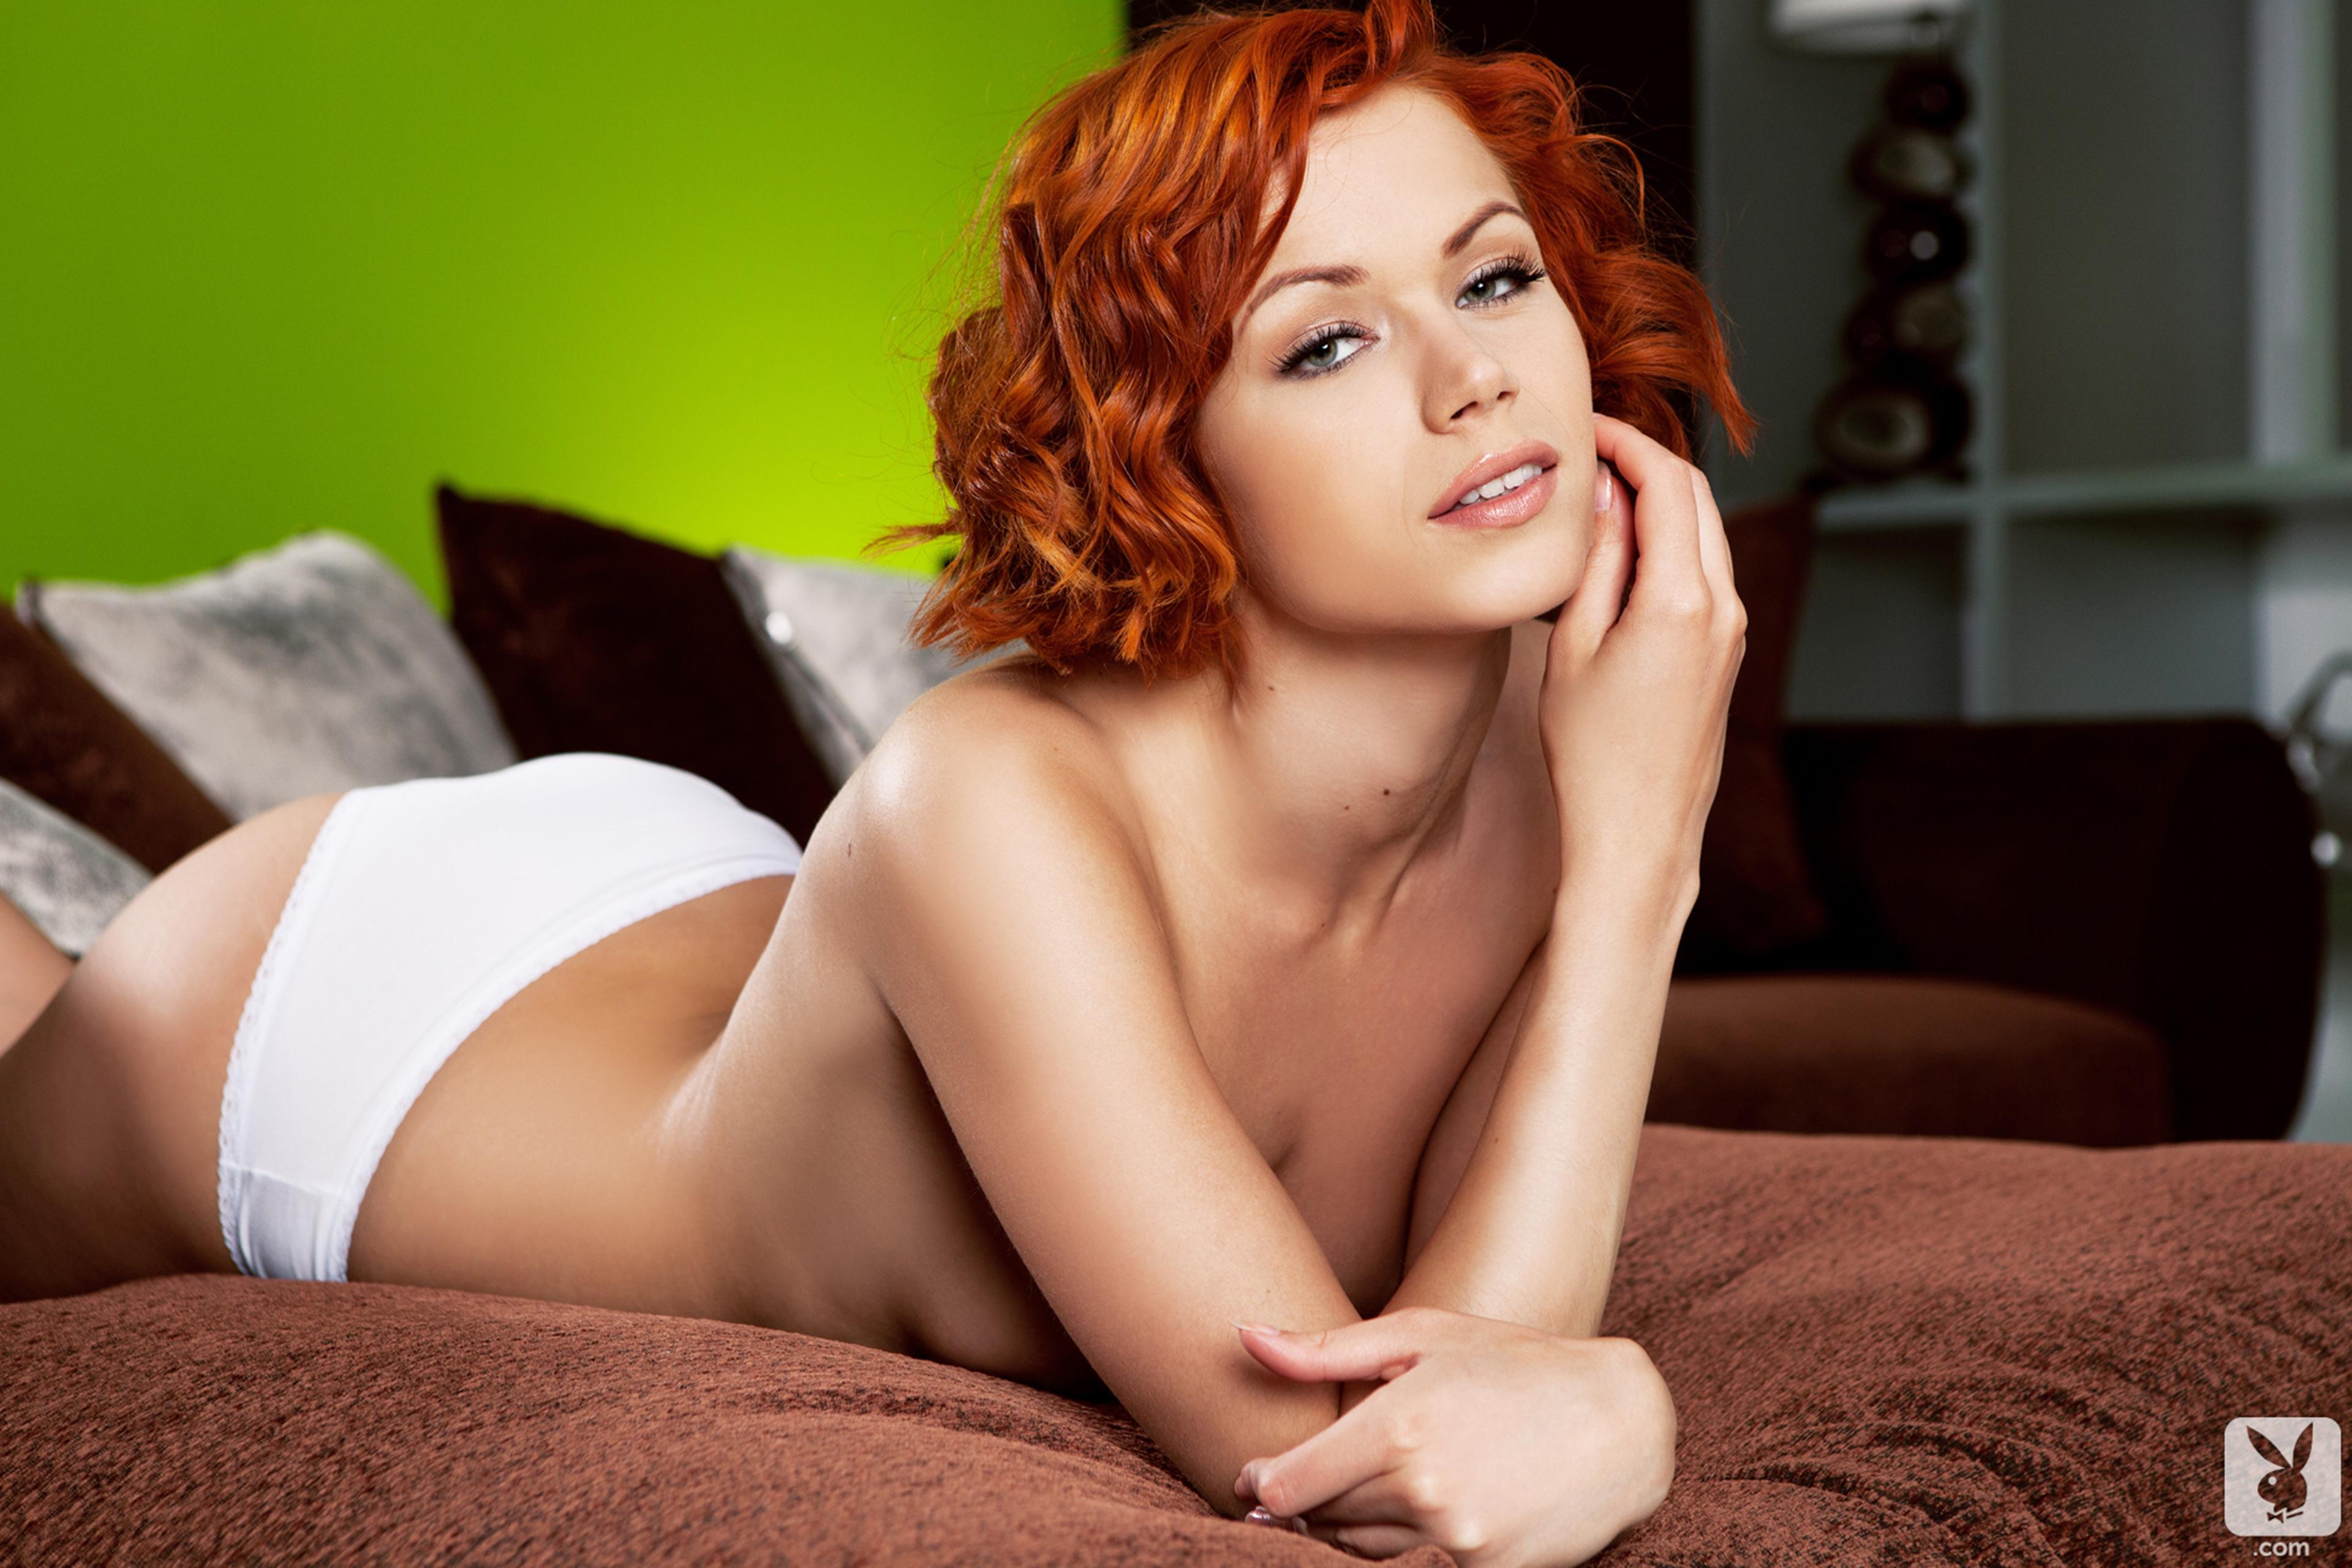 Рыжая телка в, Смотреть порно видео с рыжими. Рыжие девушки в порно 6 фотография